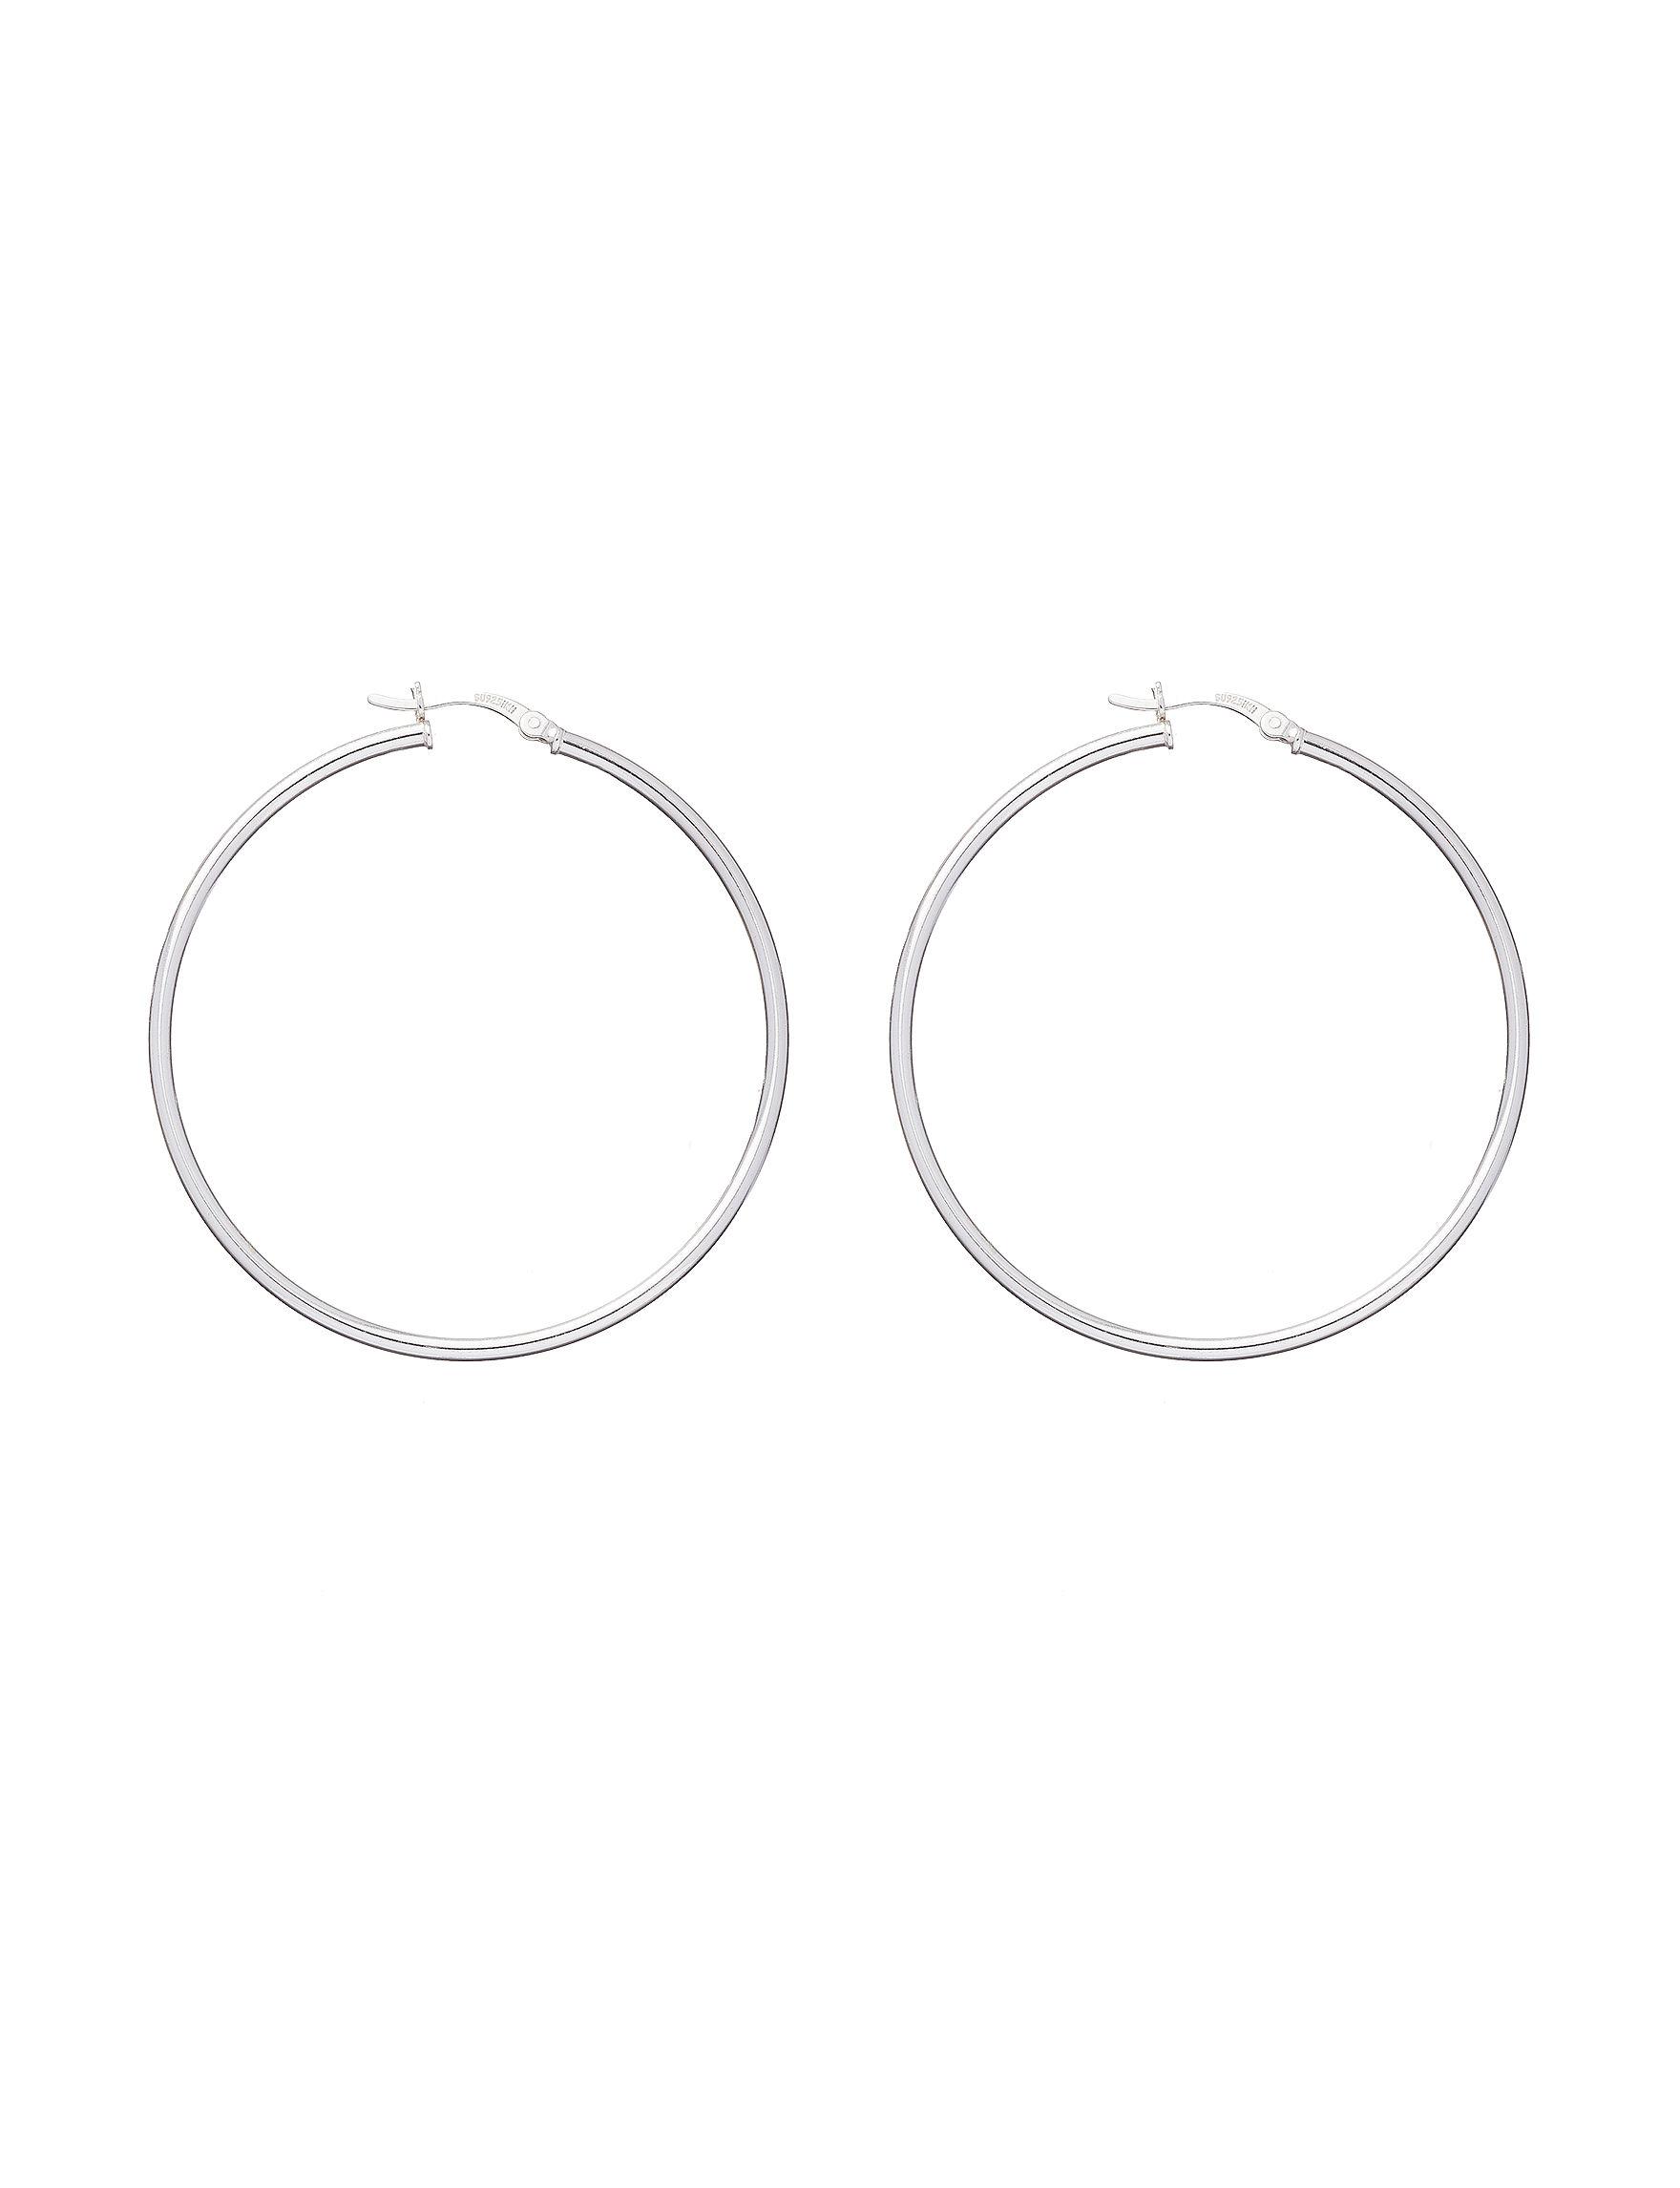 Sunstone Silver Hoops Earrings Fine Jewelry